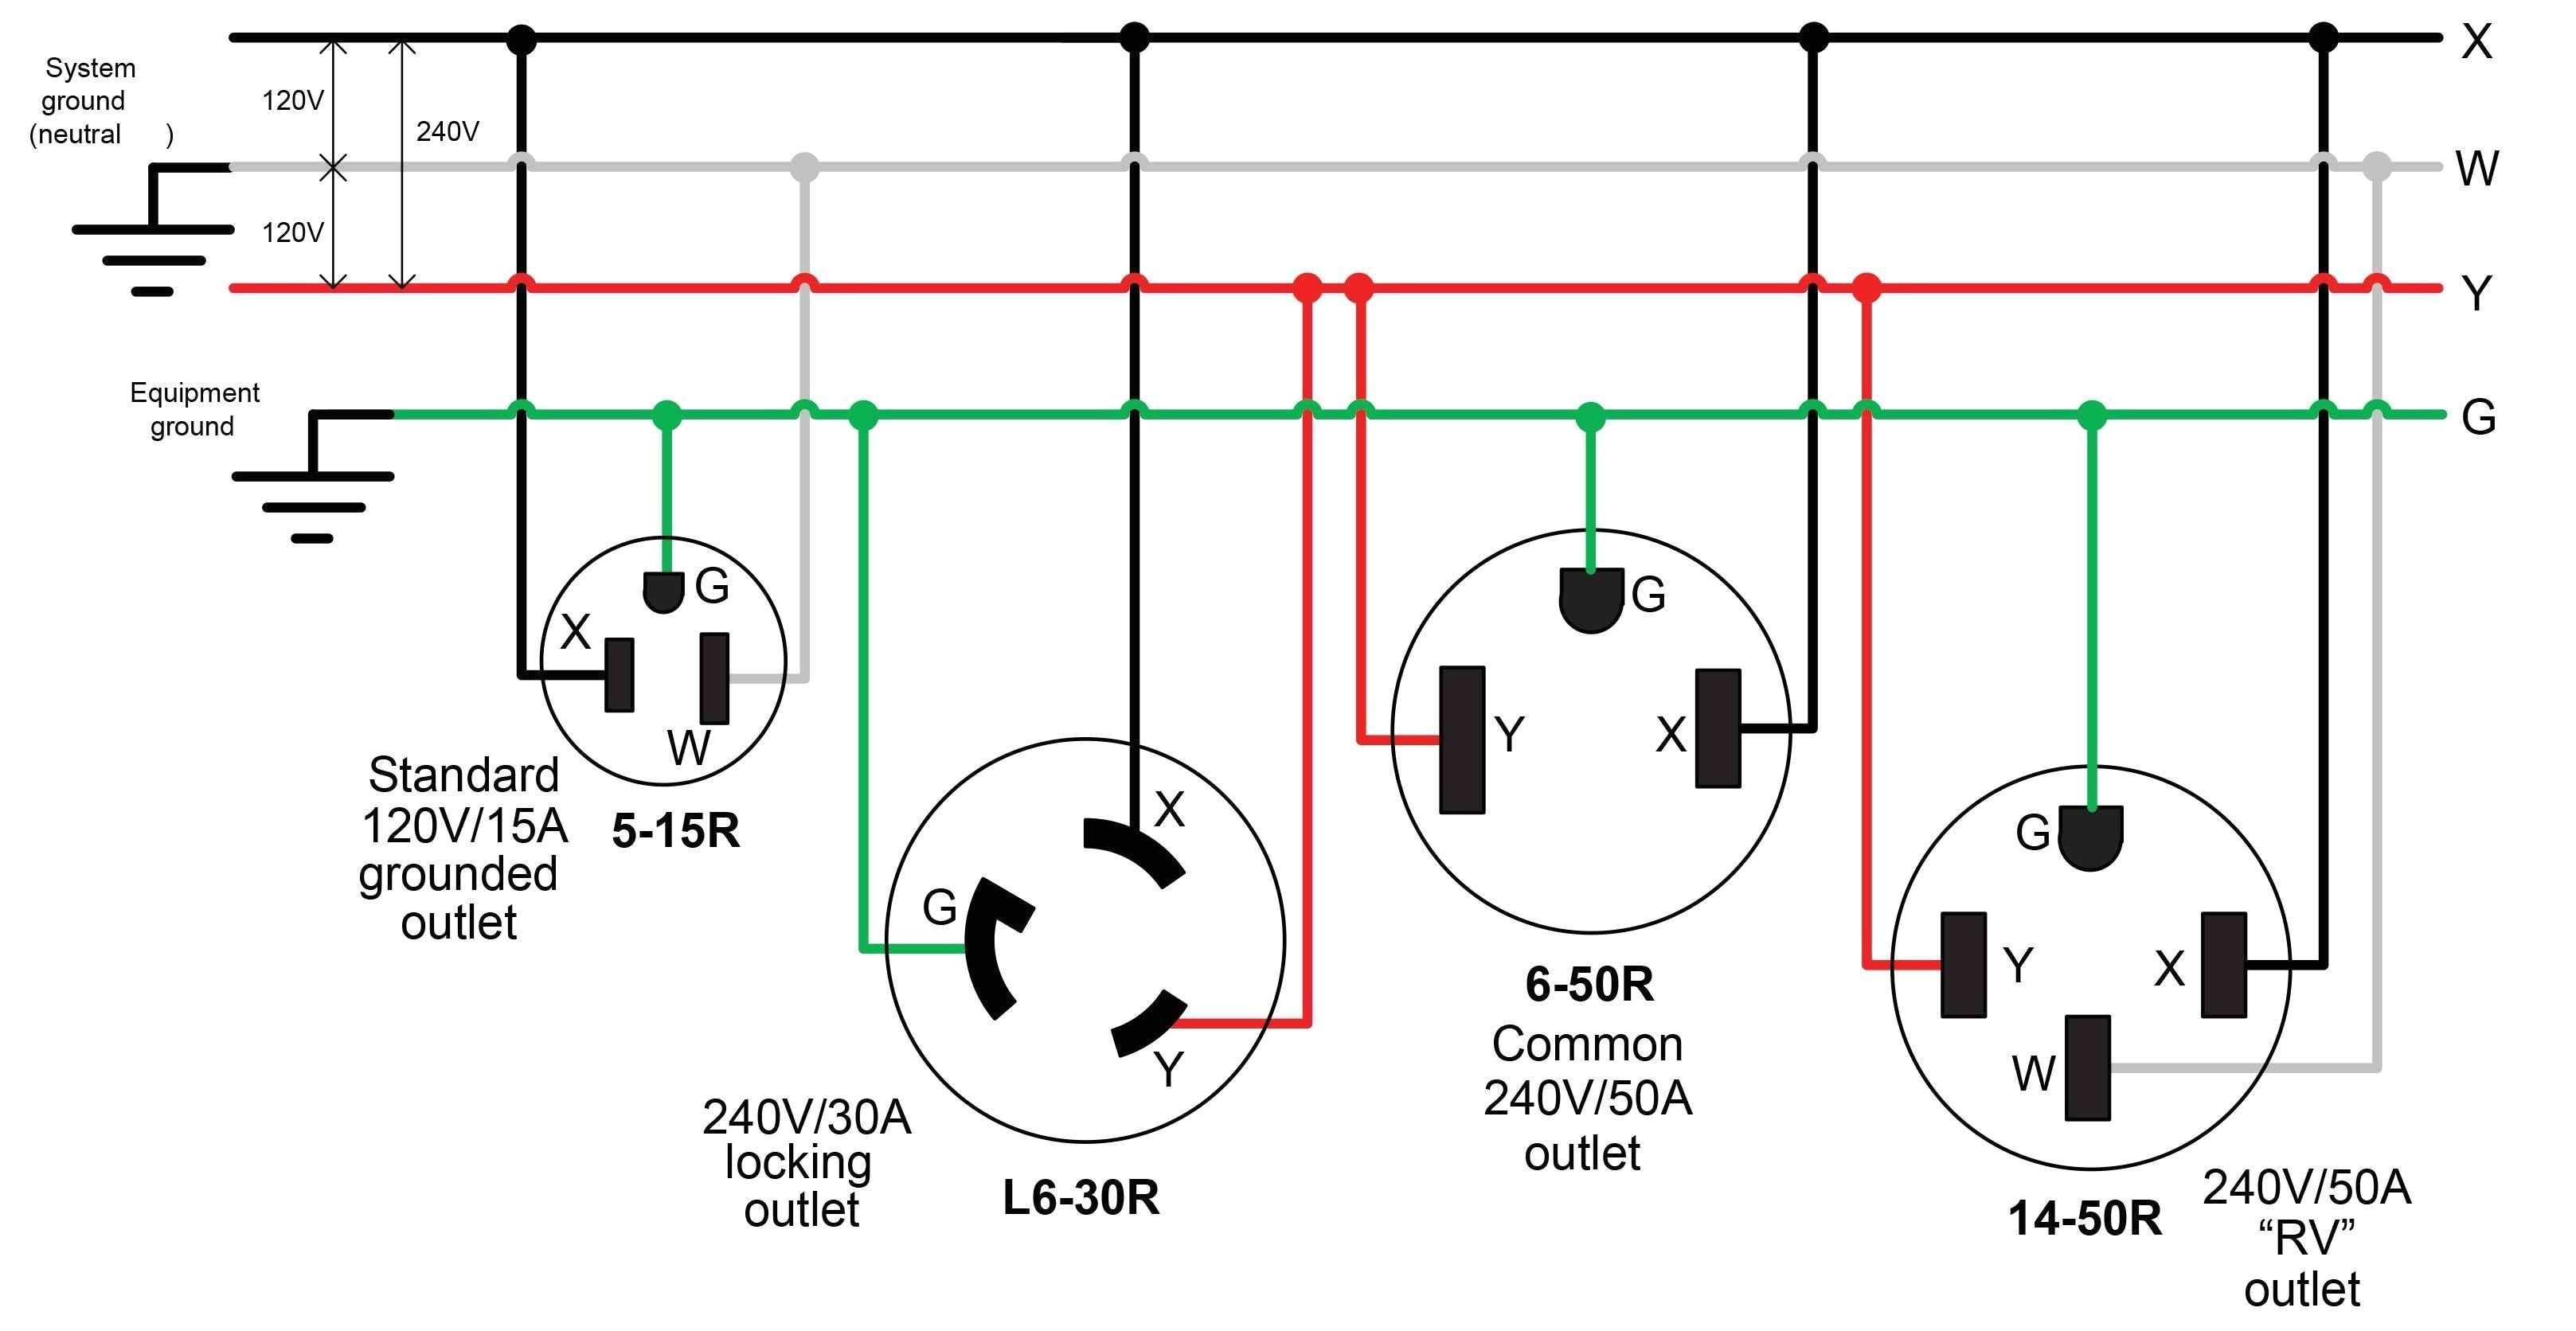 3 phase plug wiring diagram wiring diagram blog 220 3 phase receptacle wiring